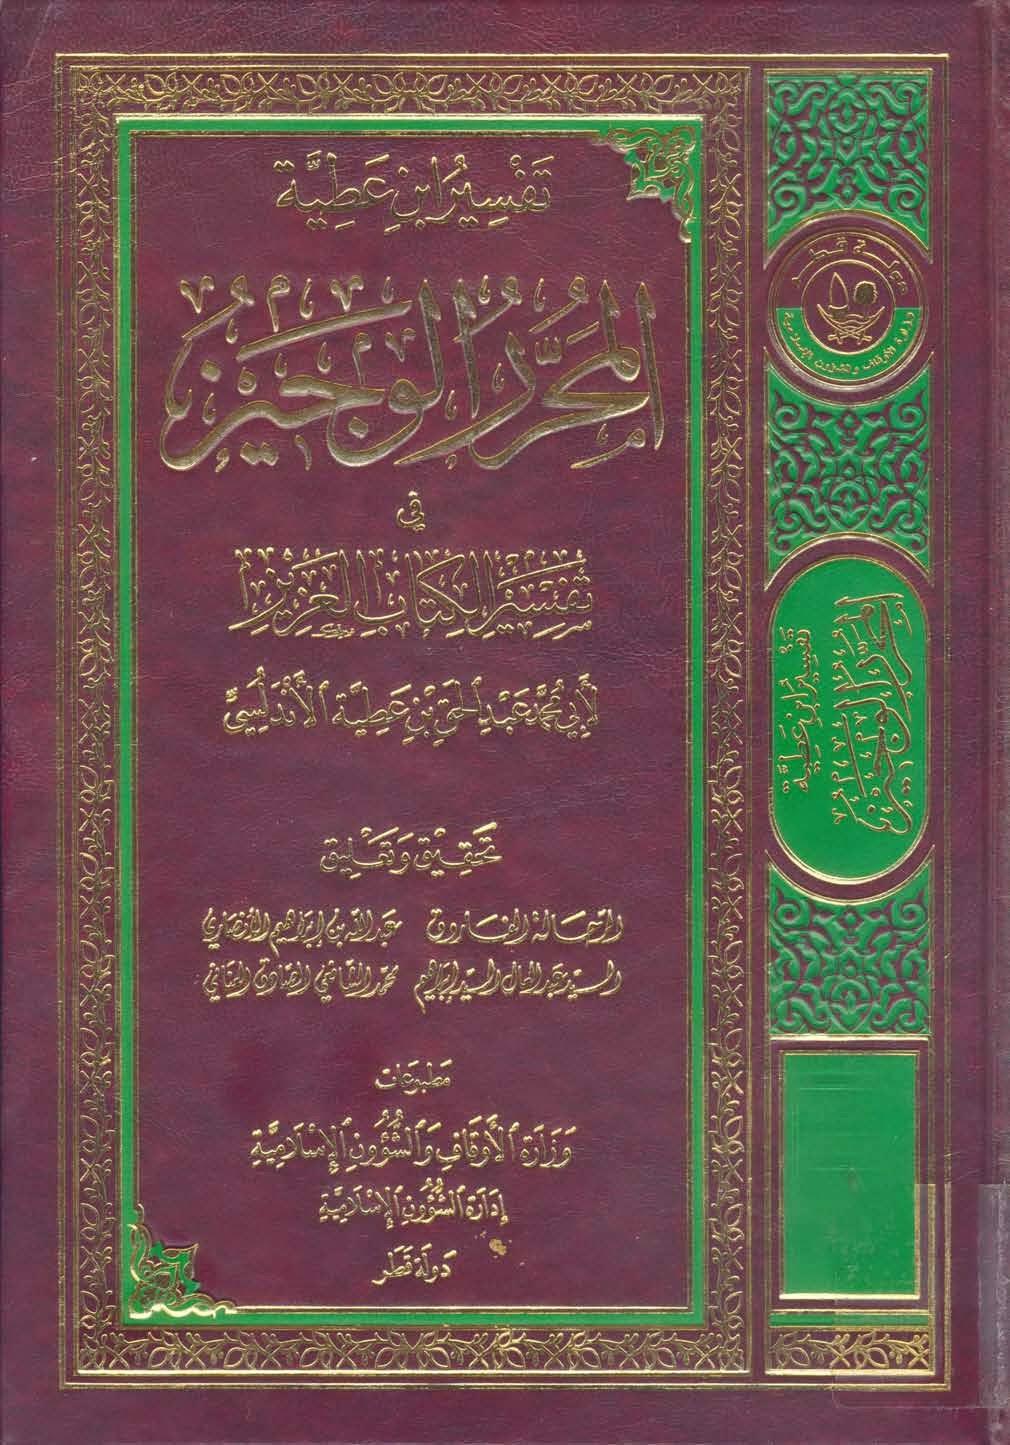 تفسير ابن عطية الأندلسي ( 8 مجلدات على رابط واحد )